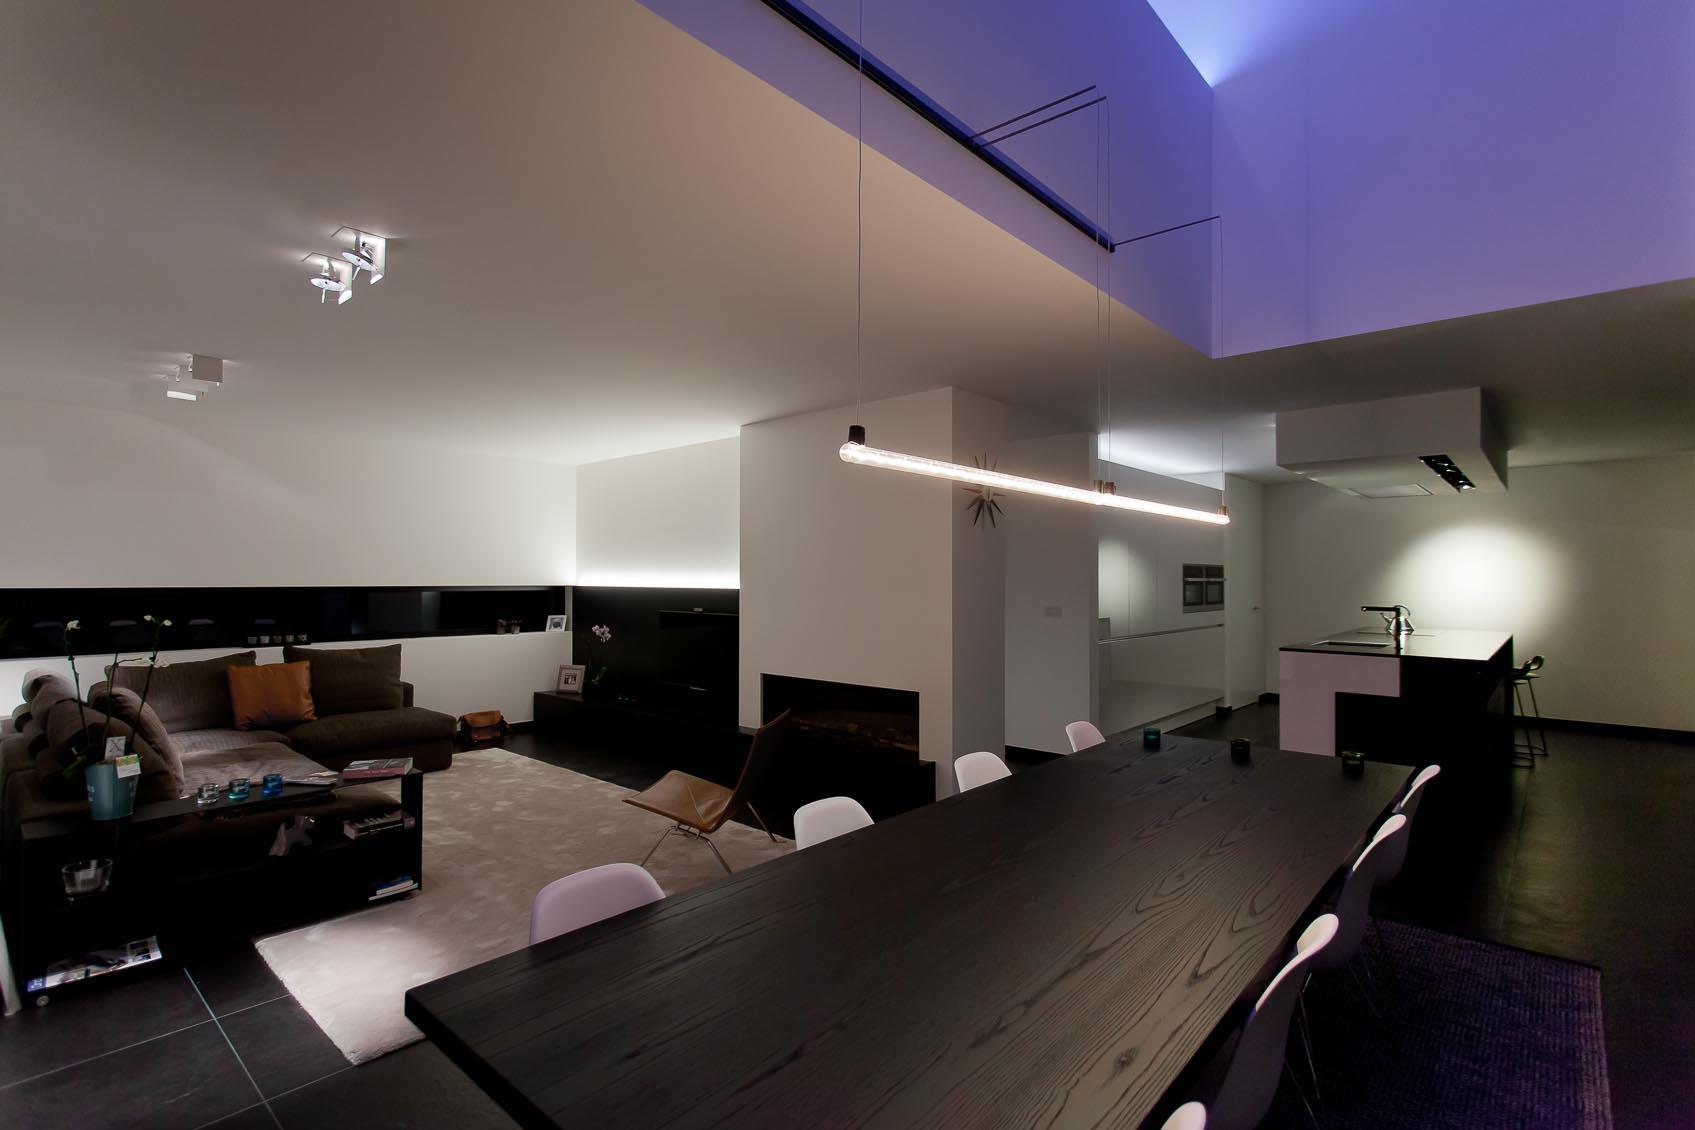 maatwerklichtoplossing voor hanglamp met de juiste sfeer door linestra ...